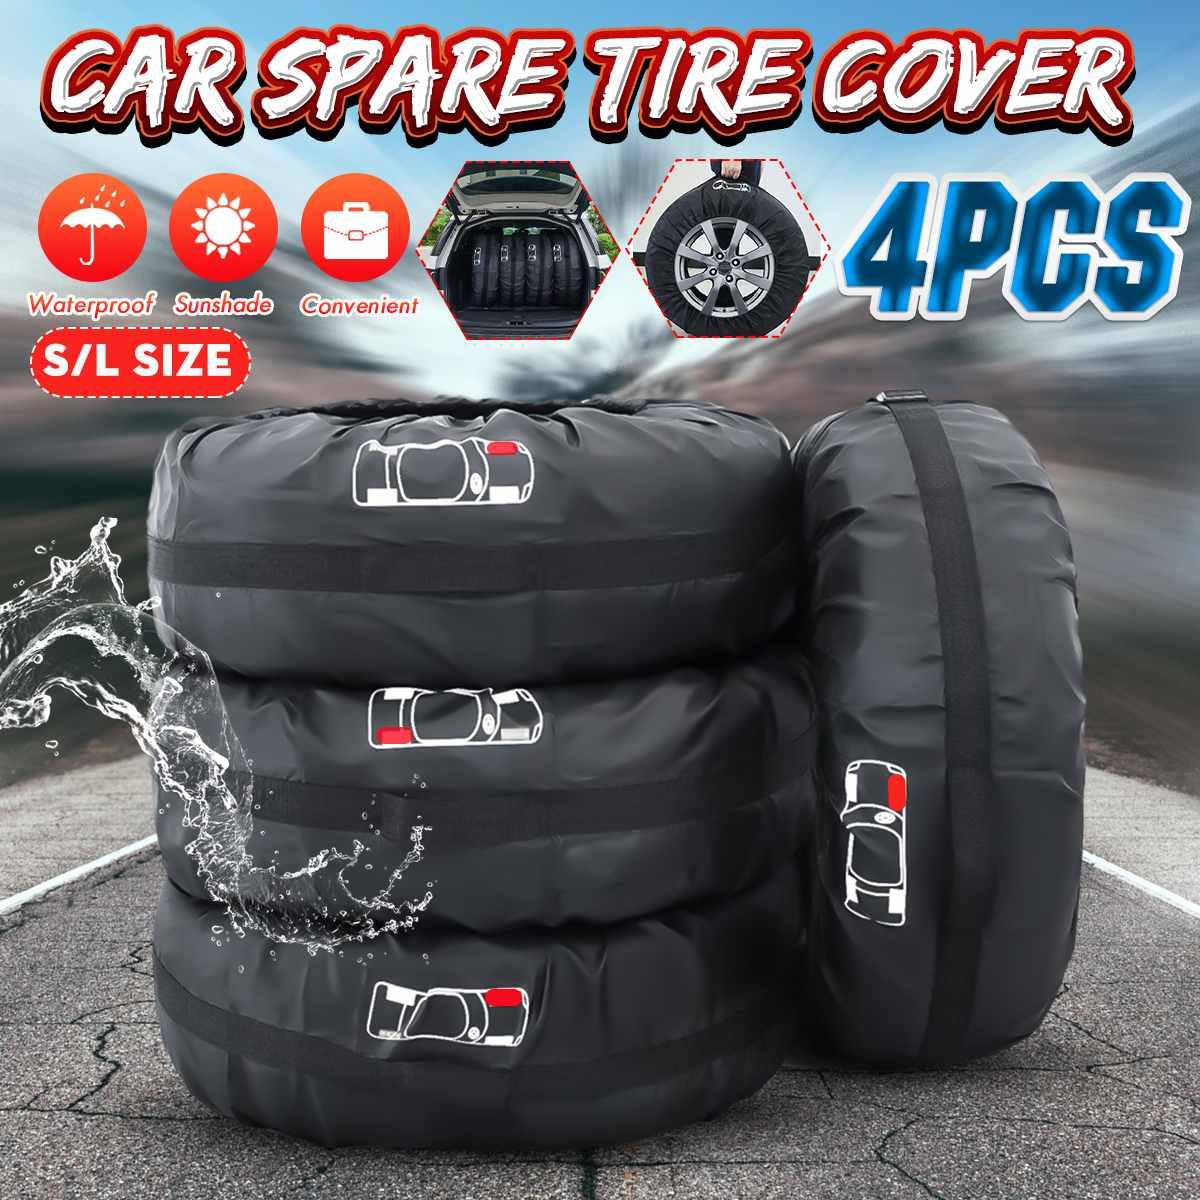 Универсальный 4 шт. S/L чехол для автомобильных запасных шин, Полиэстеровая сумка для хранения шин, несущая Автомобильная защита для колес, Пы...